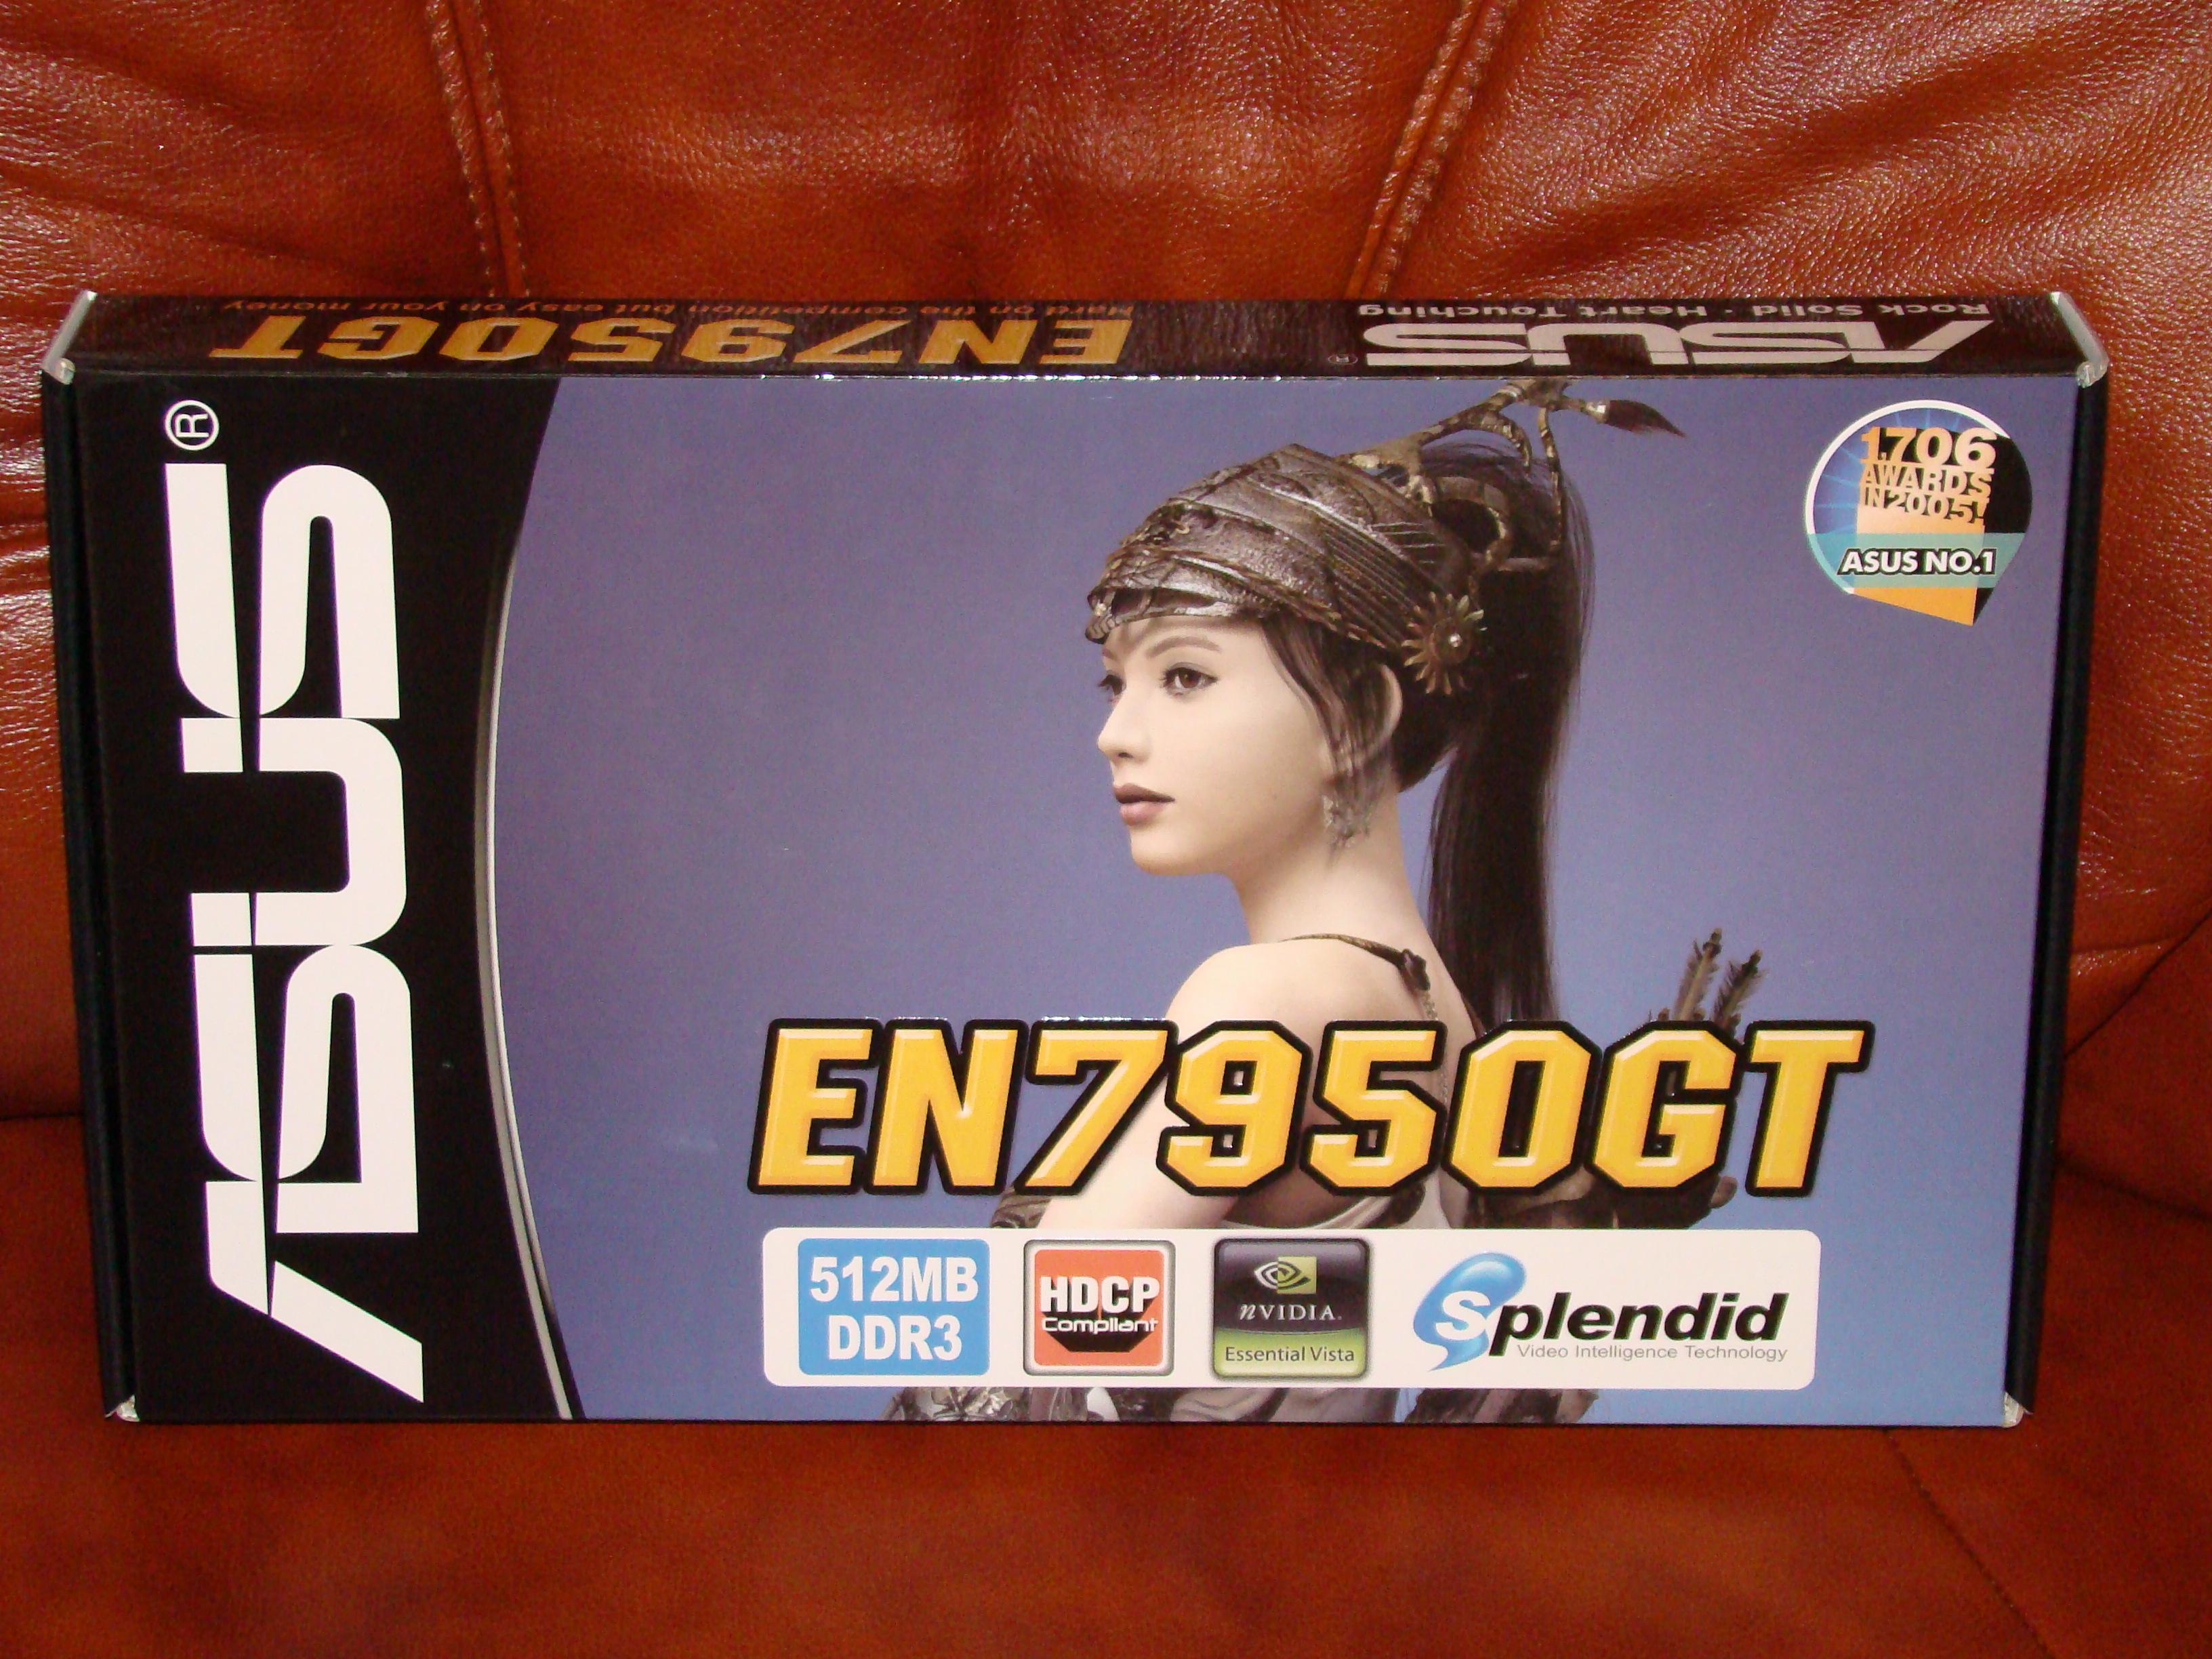 Asus EN7950GT - - Asus EN7950GT